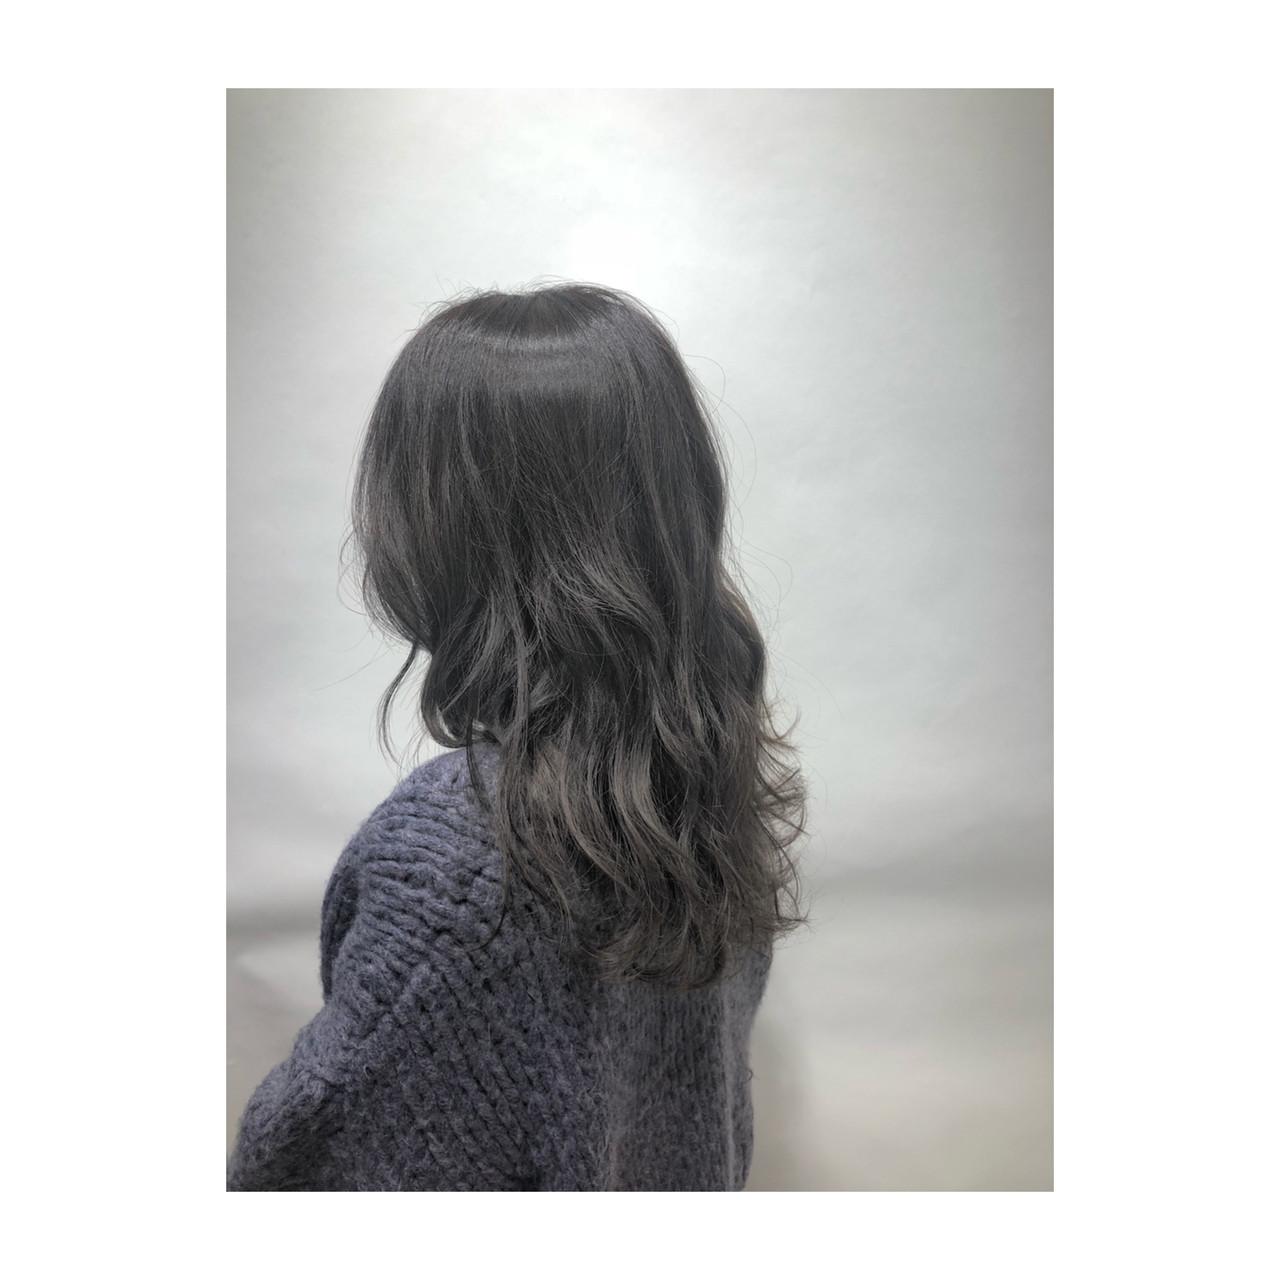 ハイライト 透明感 グレー グレージュ ヘアスタイルや髪型の写真・画像